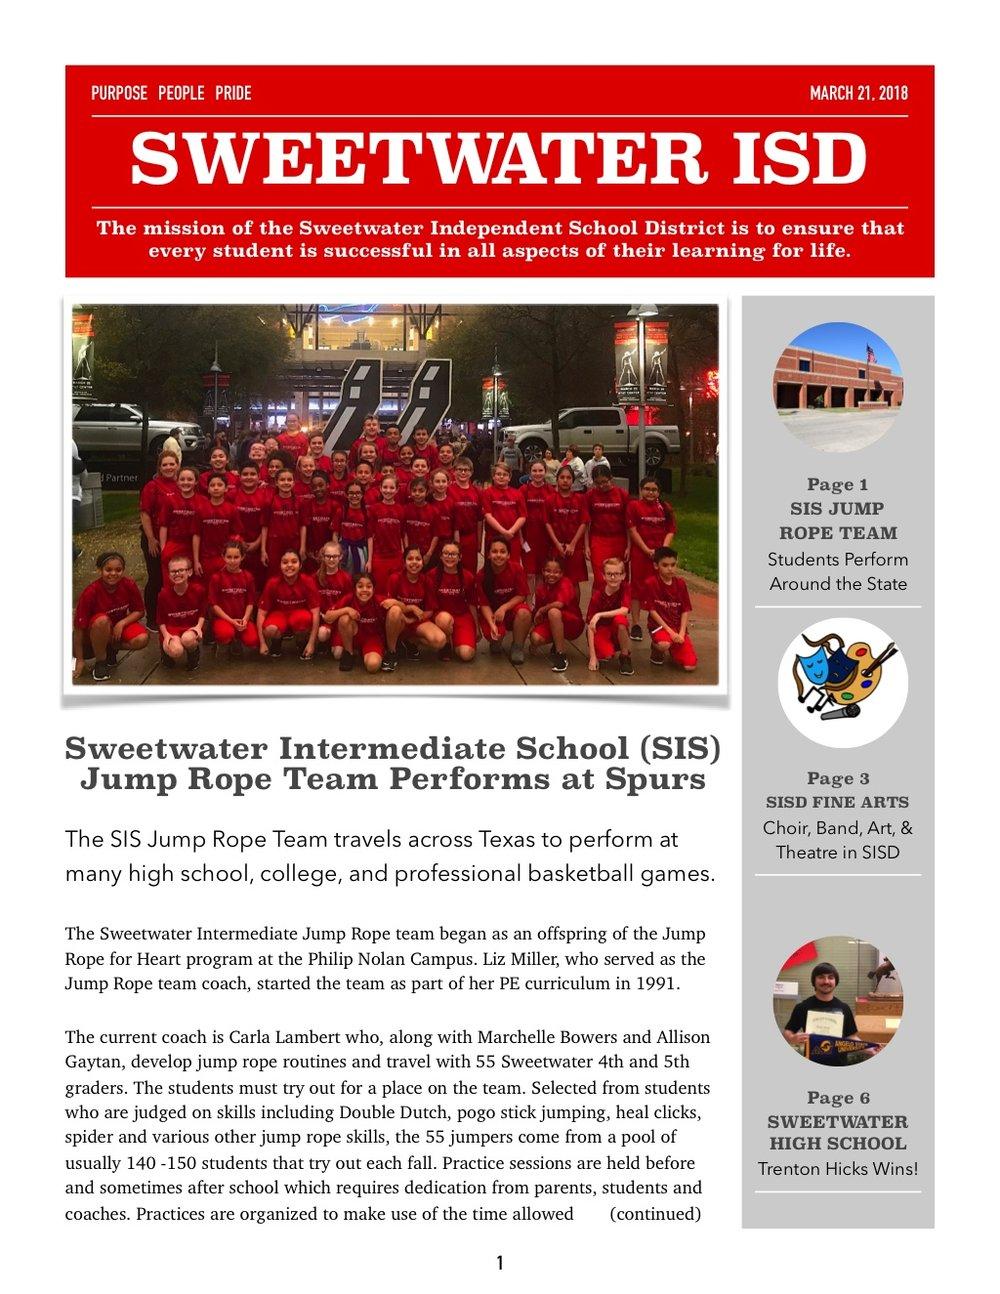 SISD Newsletter March 2018-1.jpg